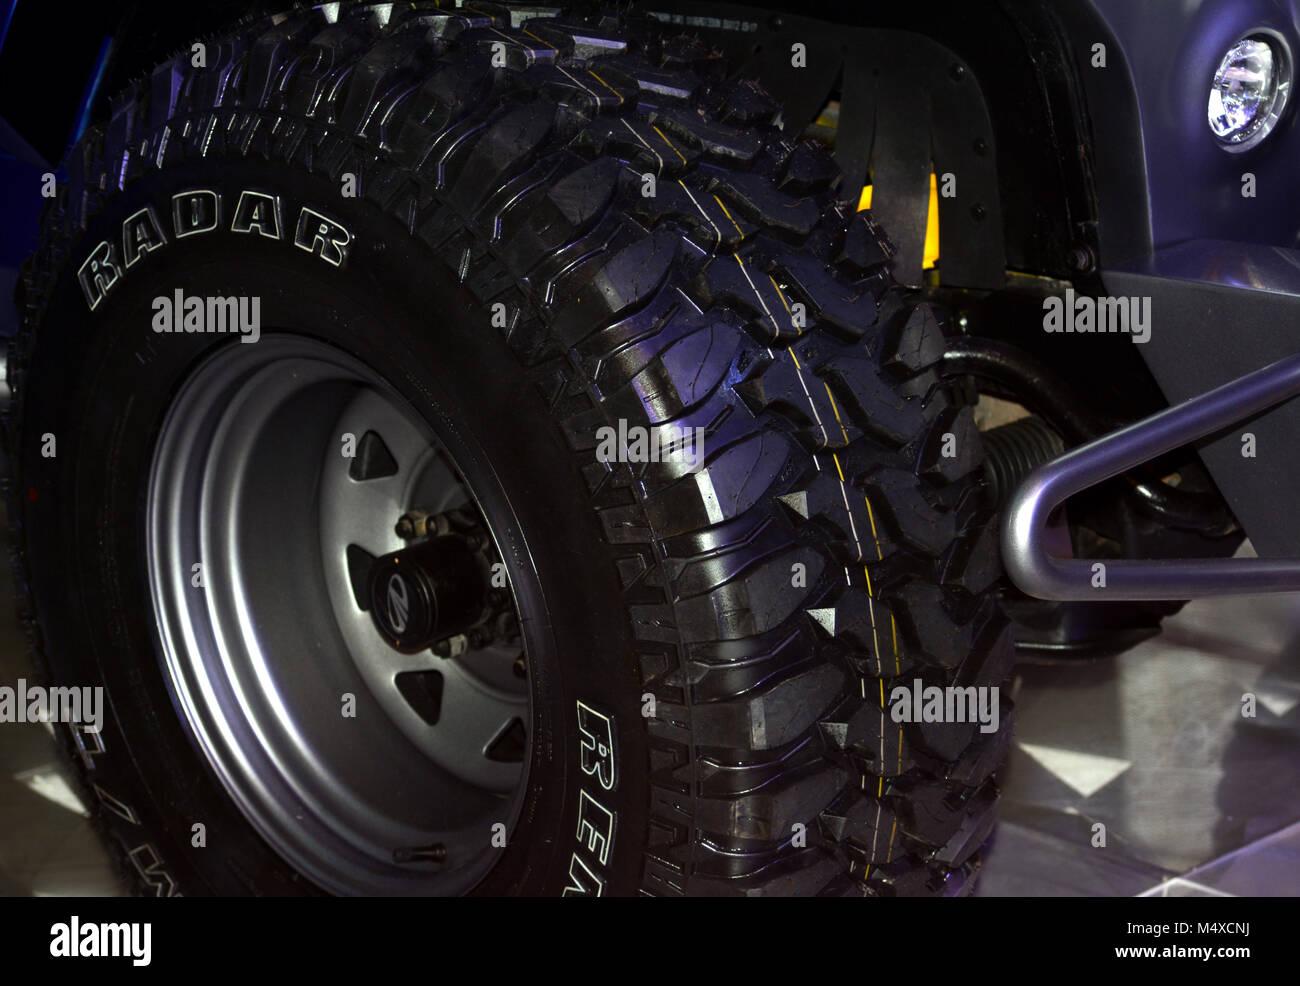 Auto Expo - Stock Image